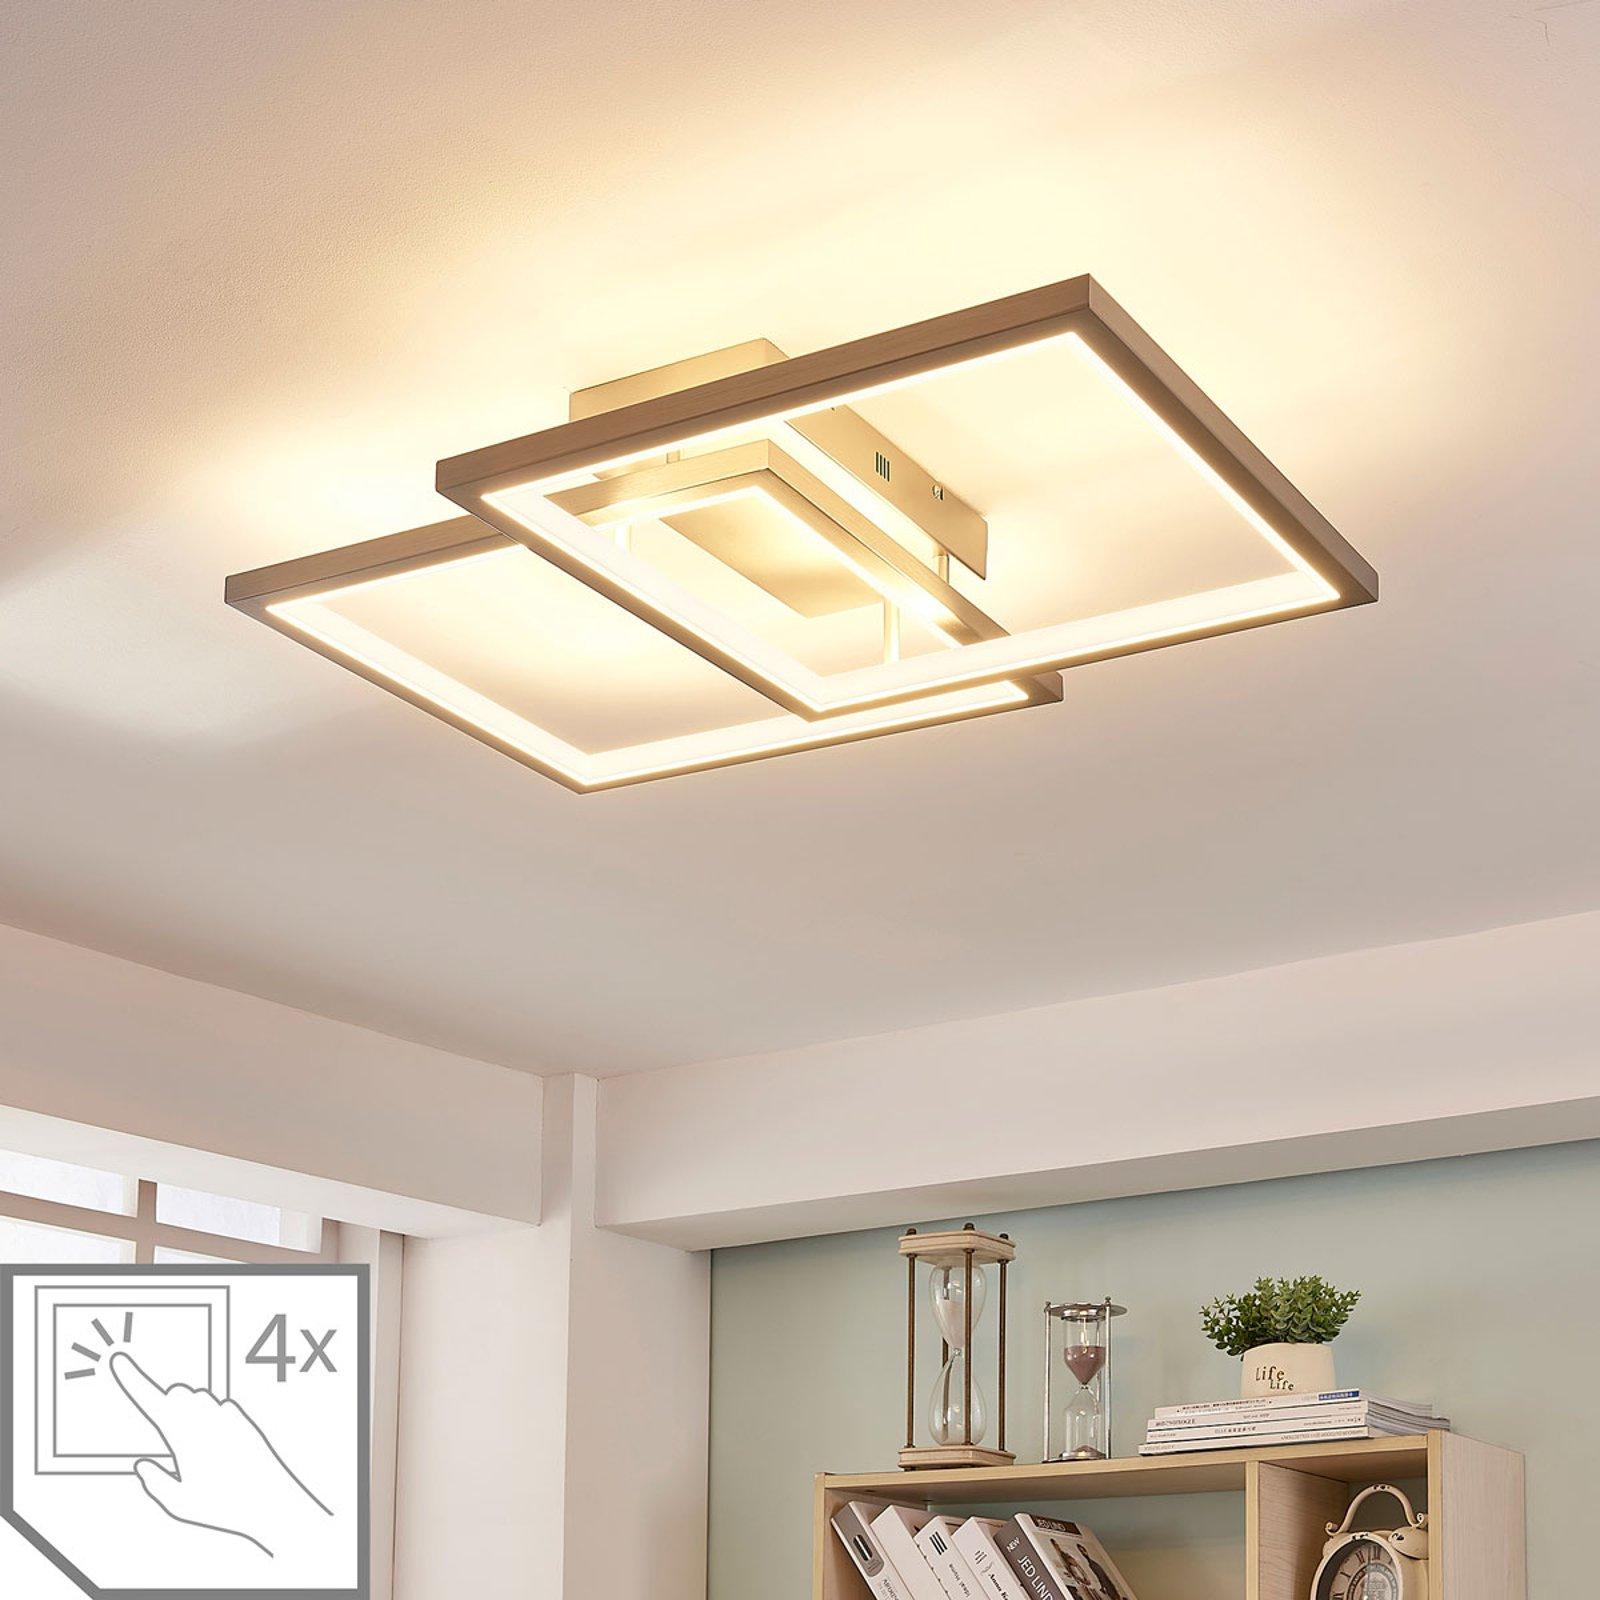 LED-taklampe Heriba av to rammer, dimbar